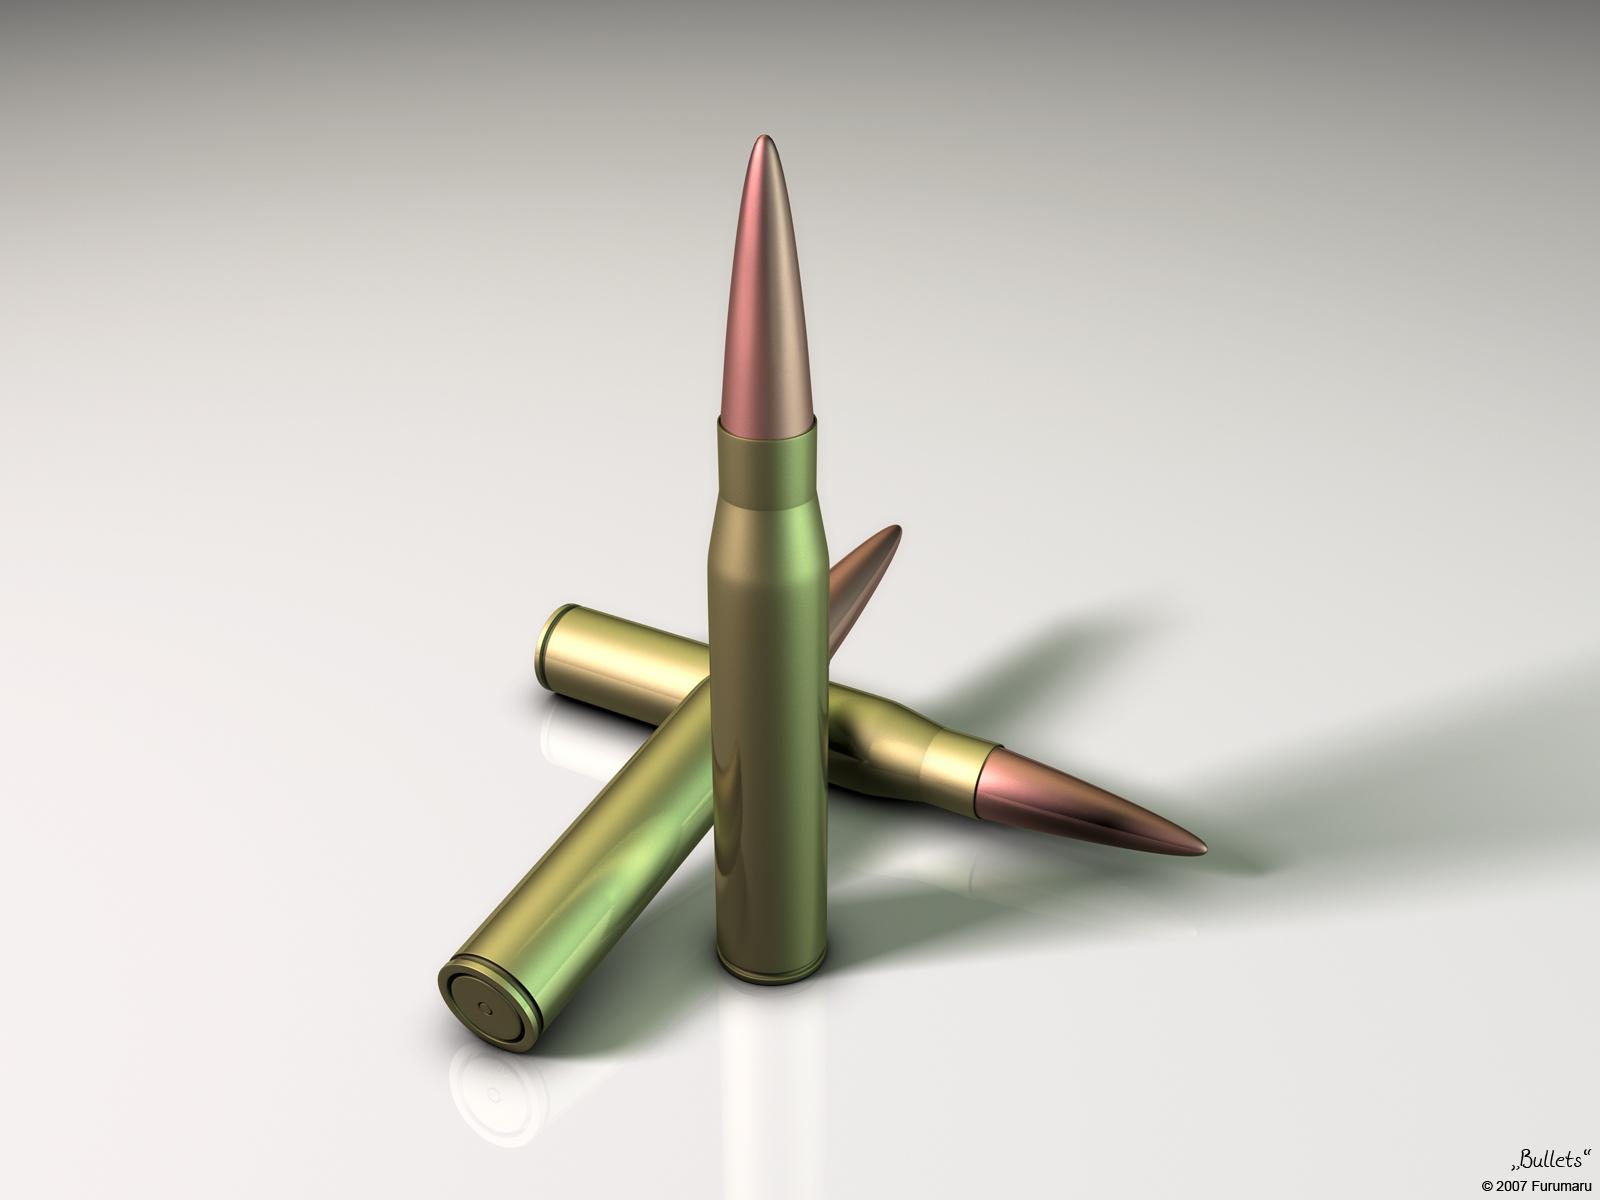 Weapon Guns Wallpaper: Gun Bullet